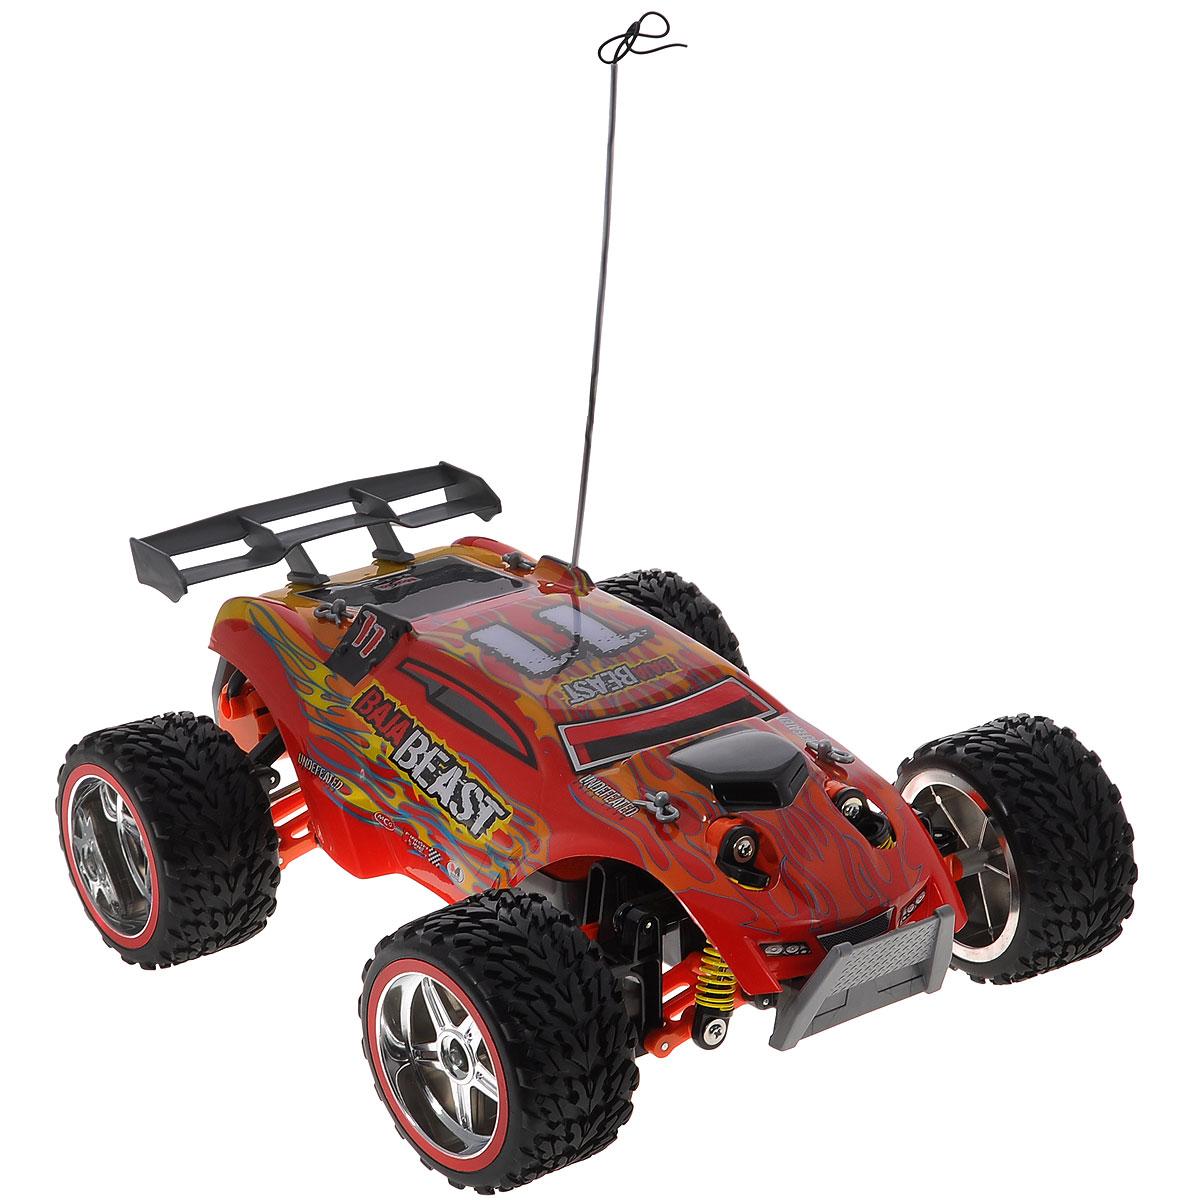 """Радиоуправляемая модель """"Baja Beast"""" с ярким динамичным дизайном обладает легким, но прочным каркасом, повышенной амортизацией колес и усиленной защитой. Все колеса машинки подпружинены. Модель оснащена ручной настройкой выравнивания передних колес. Скорость движения регулируется силой нажатия кнопки на пульте управления. Машинка движется вперед, дает задний ход, поворачивает влево и вправо, останавливается. Пульт управления имеет три канала, что позволяет одновременно играть трем игрокам. Такая модель станет отличным подарком не только любителю автомобилей, но и человеку, ценящему оригинальность и изысканность, а качество исполнения представит такой подарок в самом лучшем свете. Машина работает от аккумулятора 7,2V (входит в комплект), пульт управления работает от батареи напряжением 9V (входит в комплект)."""